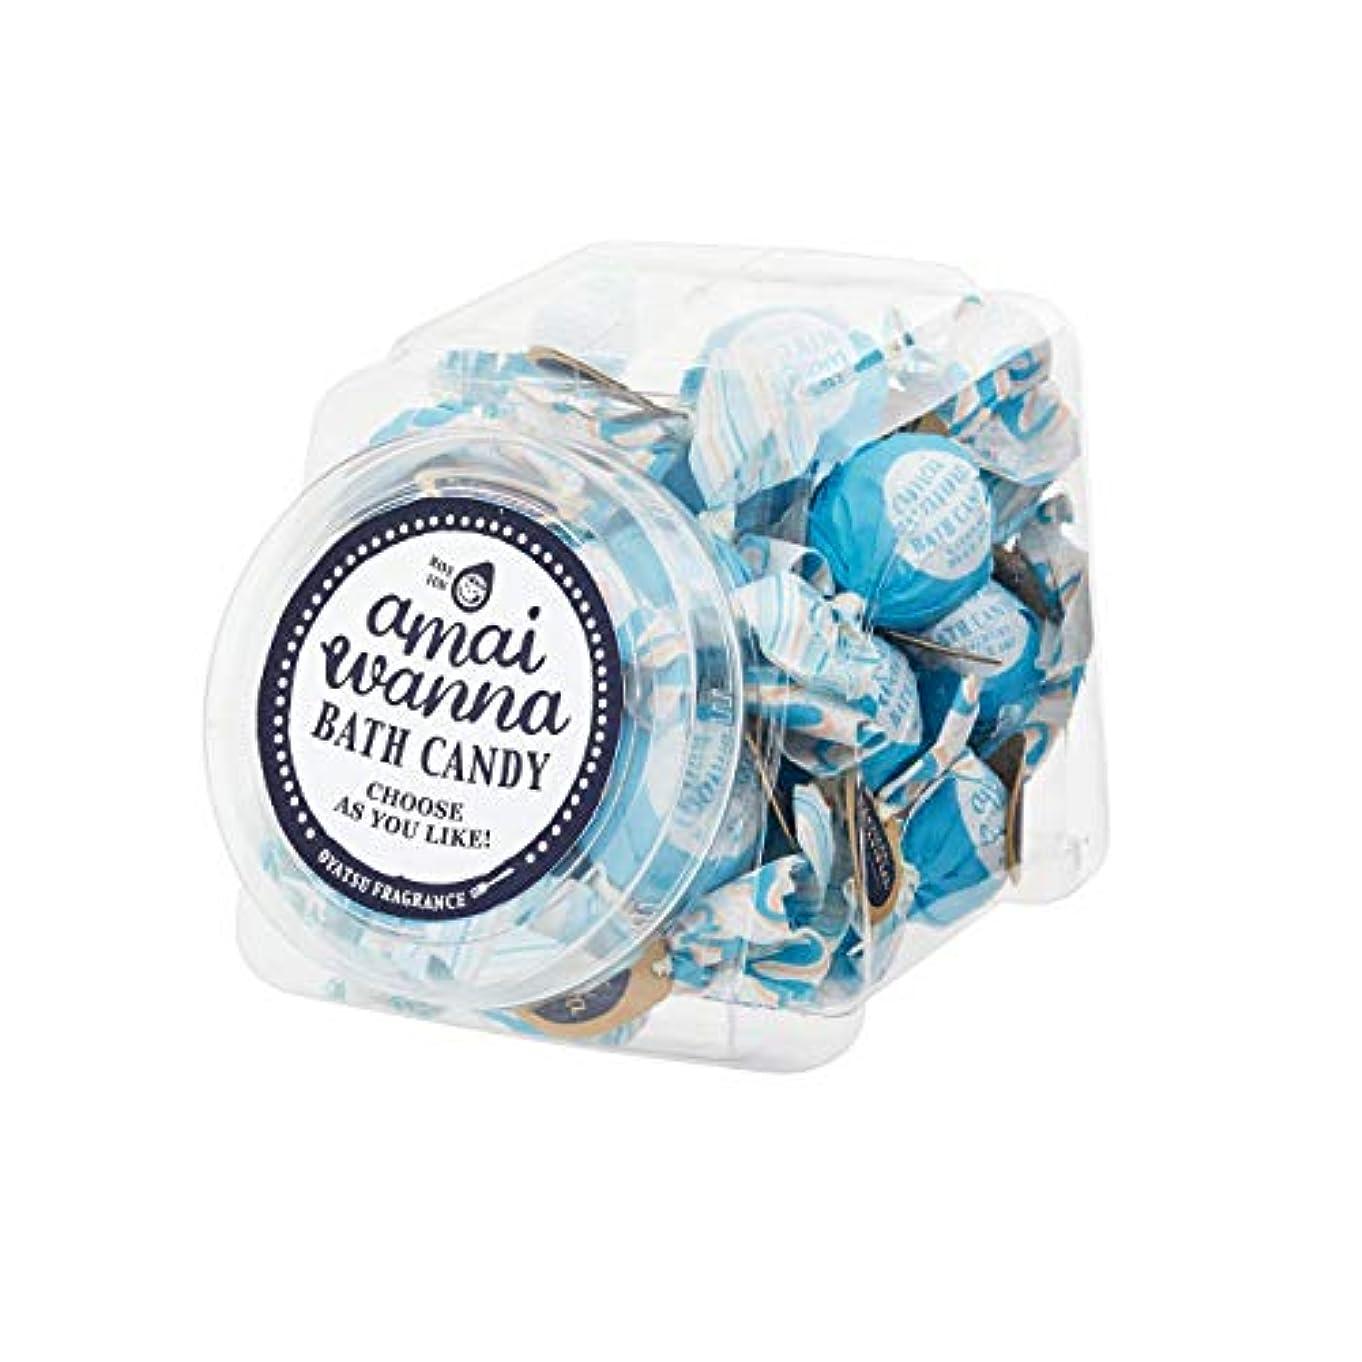 自由時系列不利益アマイワナSP バスキャンディーポットセット24粒入り(青空シトラス バスギフト キャンディーの形の入浴料 大人可愛い)